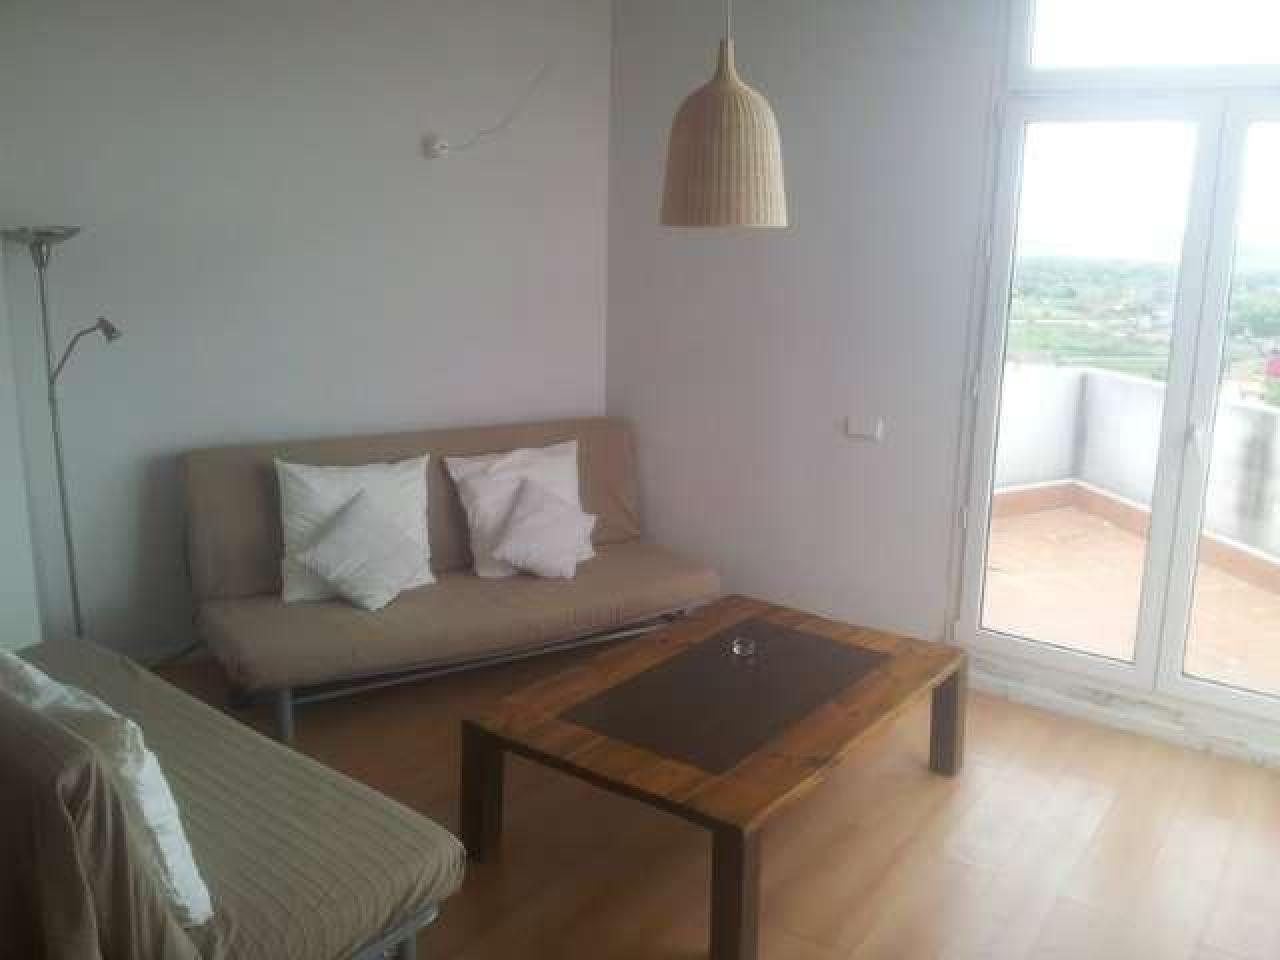 Apartamento para vacaciones Madrigal de la Vera, Cáceres